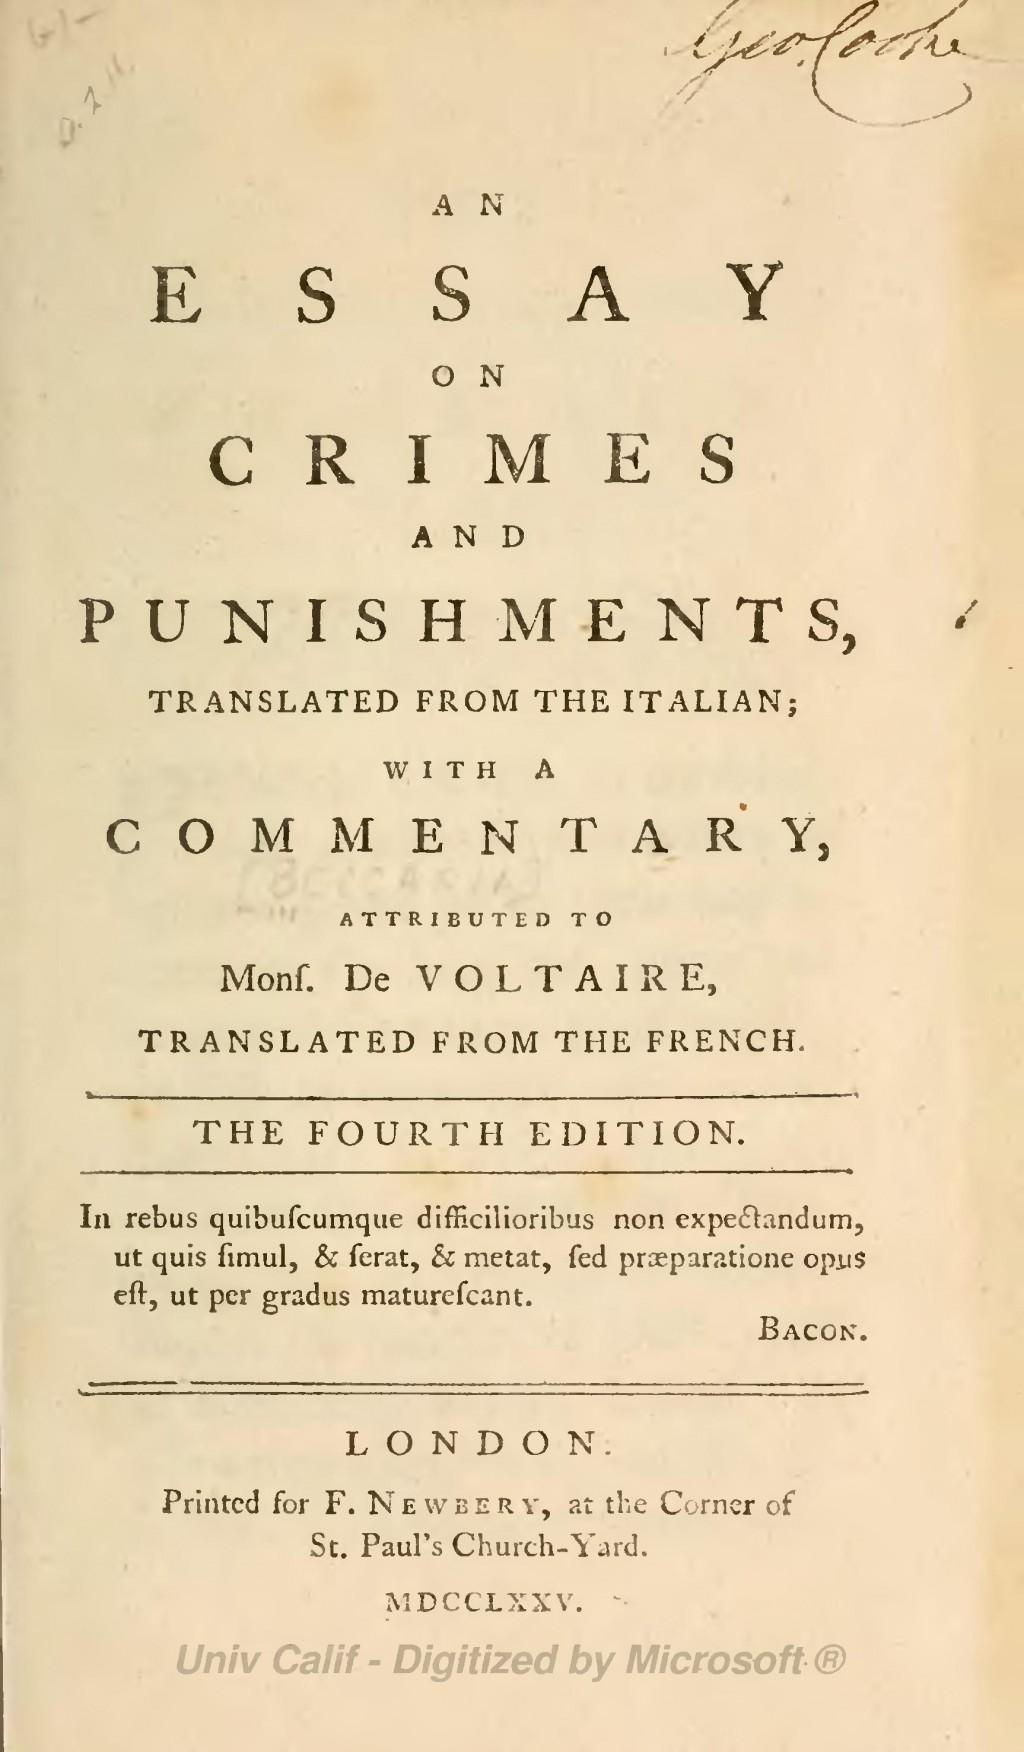 015 Essays Crime And Punishment Page Essay Crimes Punishments Topics Ap Prompts For Ib Dostoevsky Wondrous Outline Pdf Ielts Large